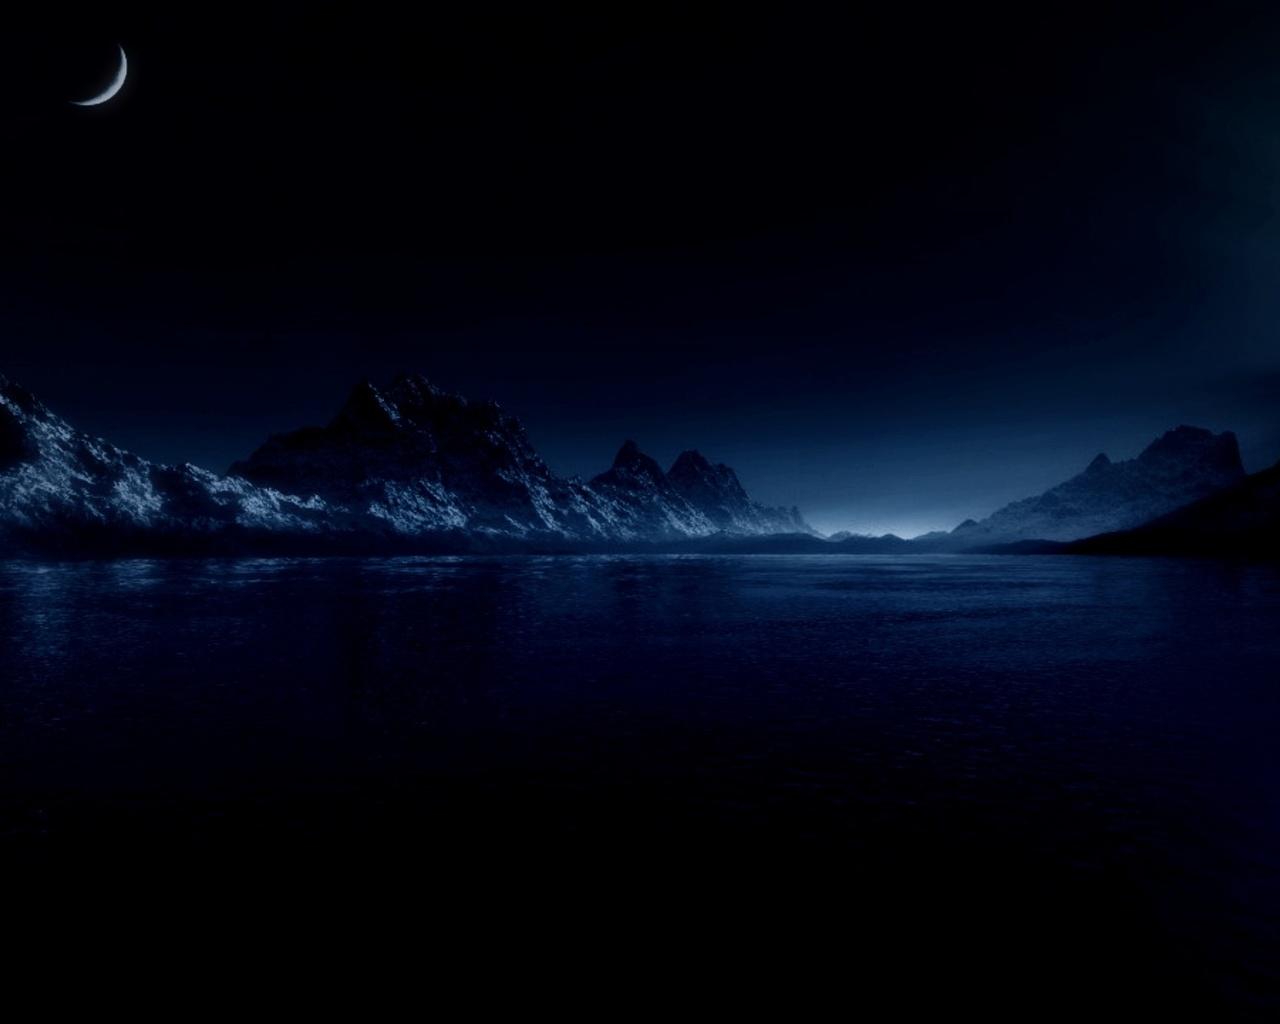 вода, море, горы, свет, луна, звезды, ночь